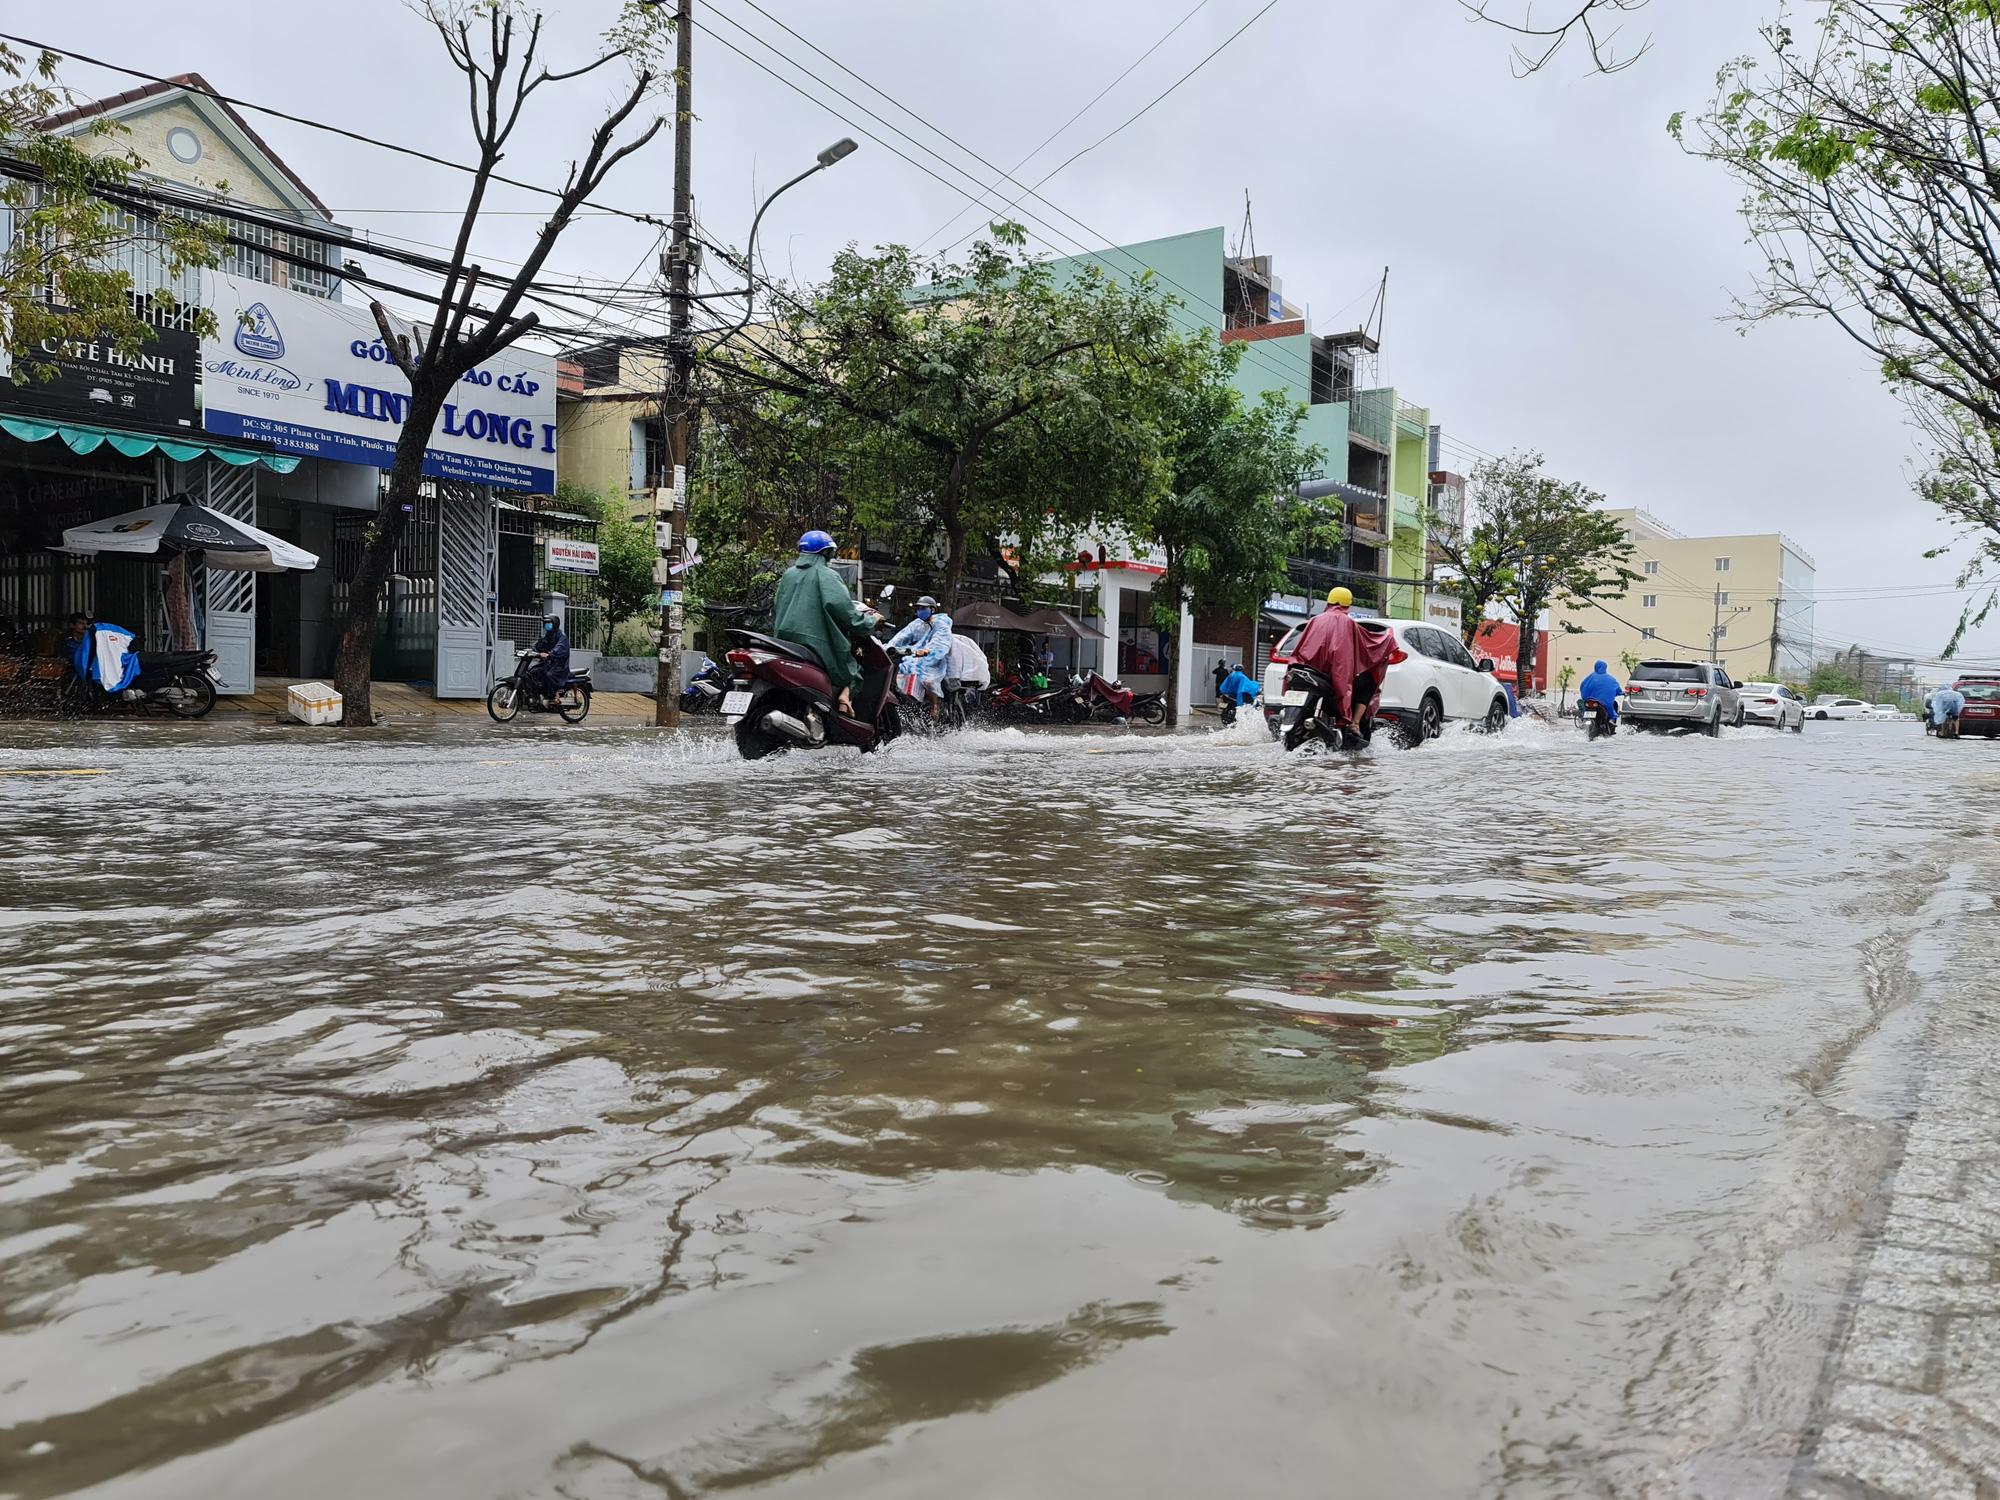 """Quảng Nam: Hồ thủy điện, thủy lợi xả lũ, dân lại """"bì bõm"""" trong nước - Ảnh 4."""